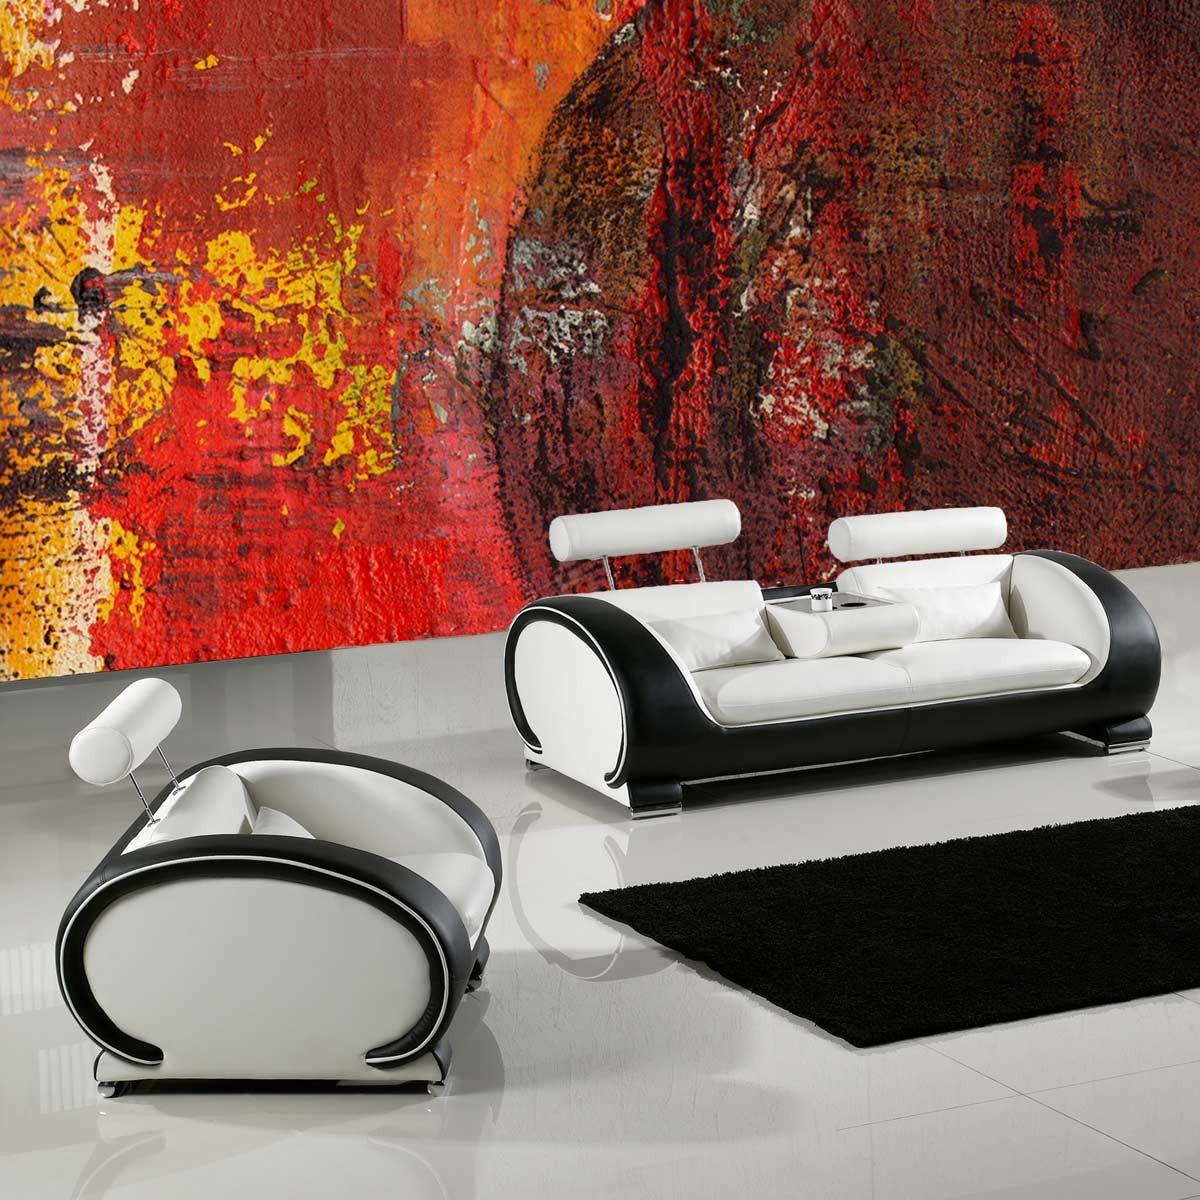 Sessel design modern mit kopfst tze kissen for Wohnung design schwarz weiss